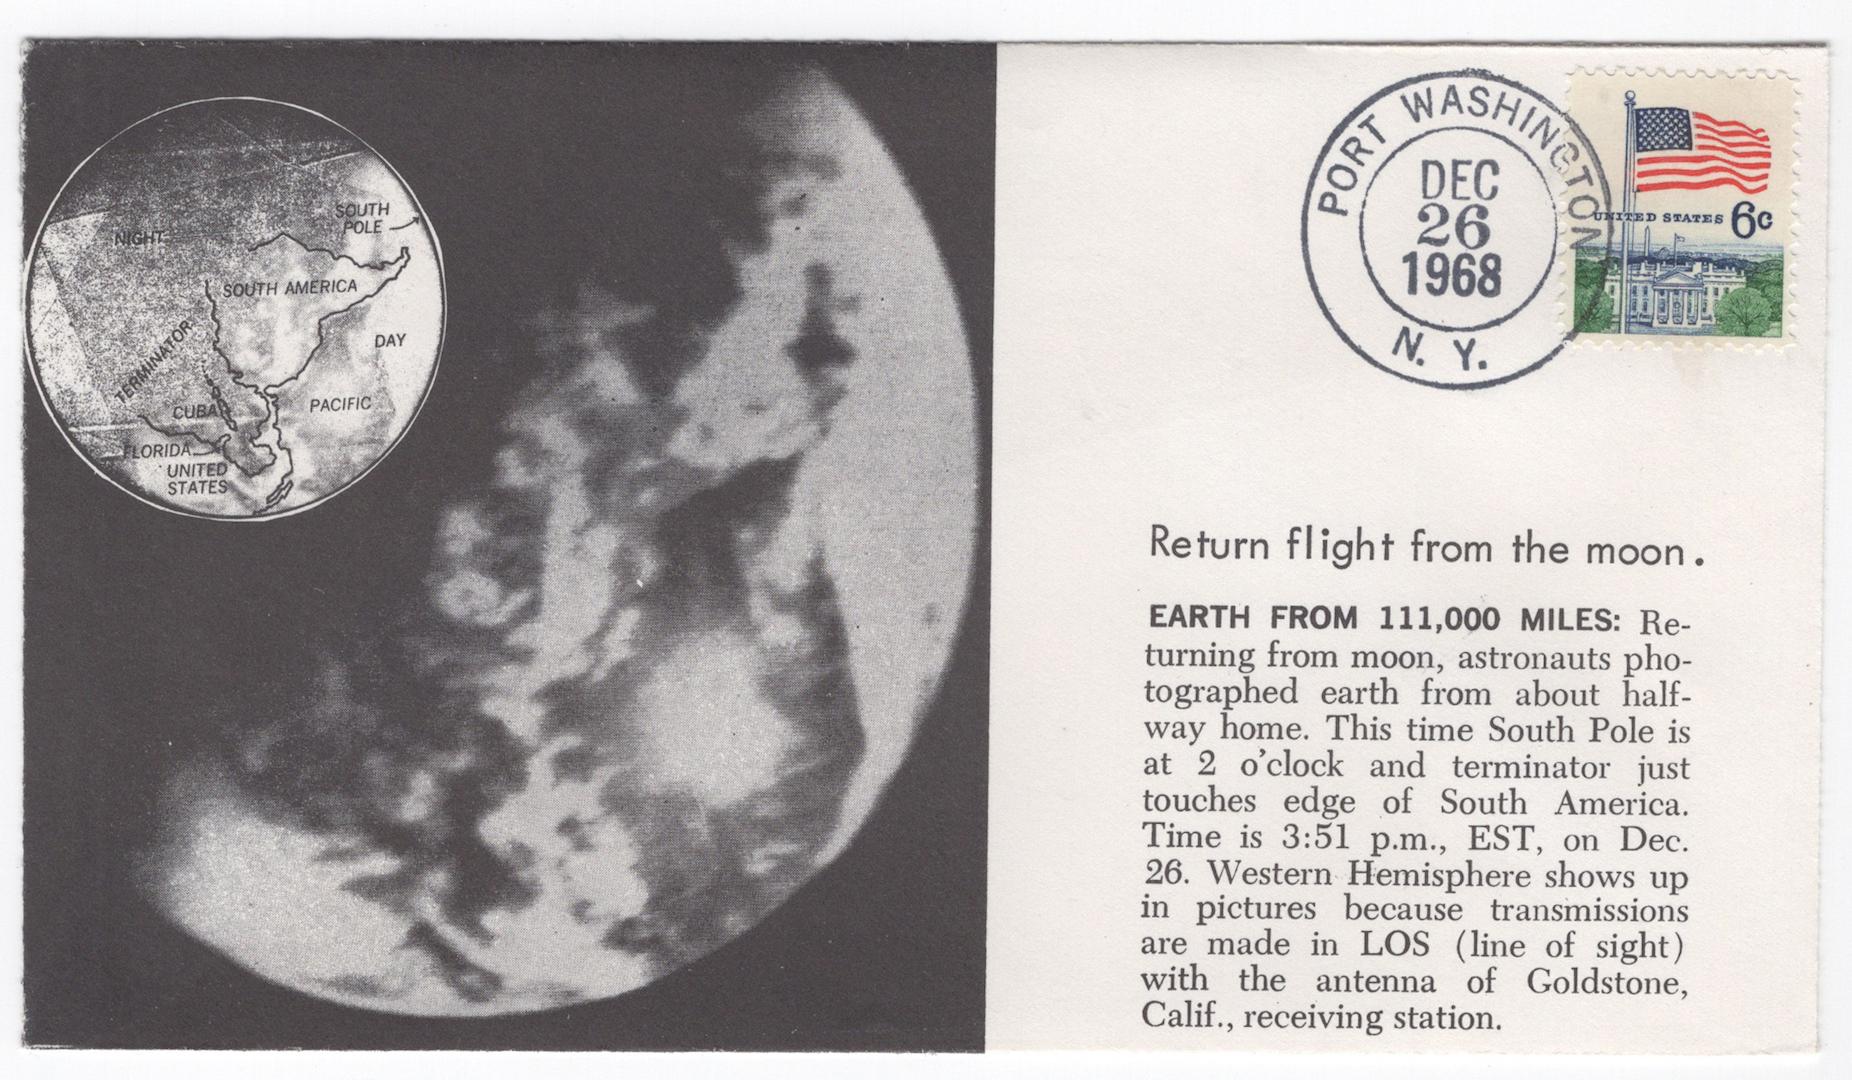 ERM-1968-ENVELOPE-RETURN_FLIGHT_FROM_THE_MOON.jpg